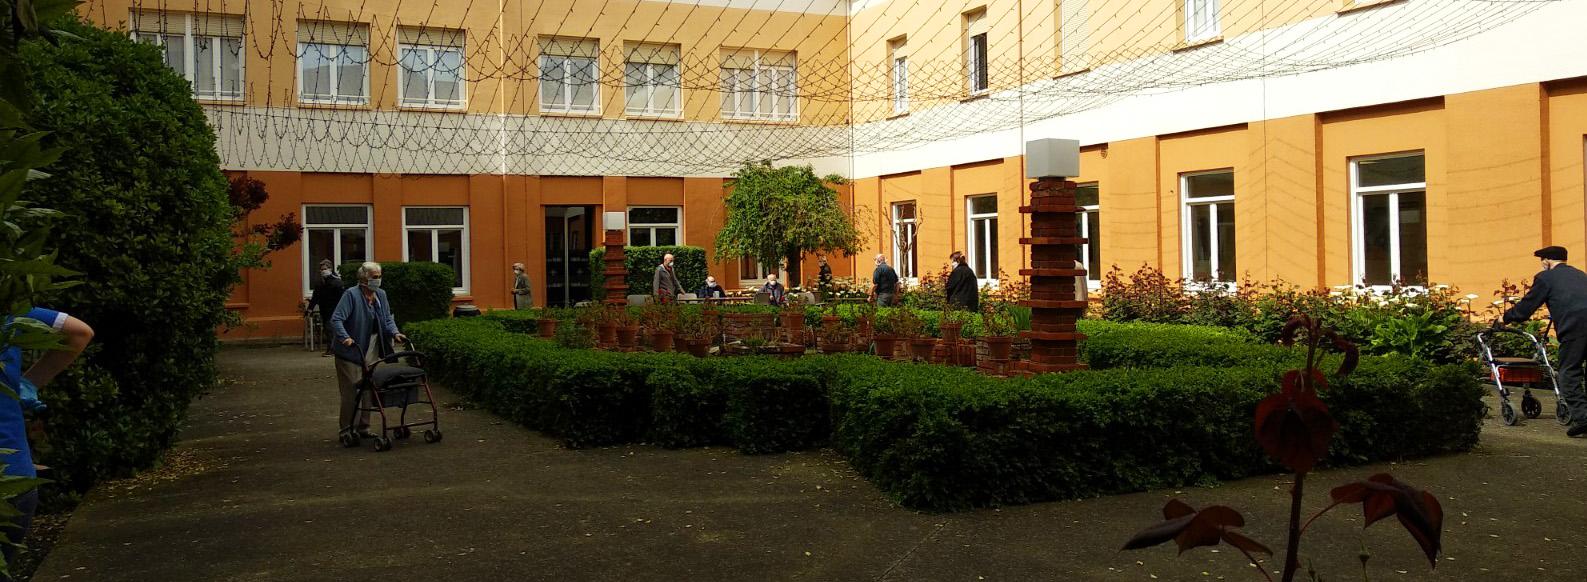 Zona de paseos terapéuticos para los residentes de la Casa de Misericordia